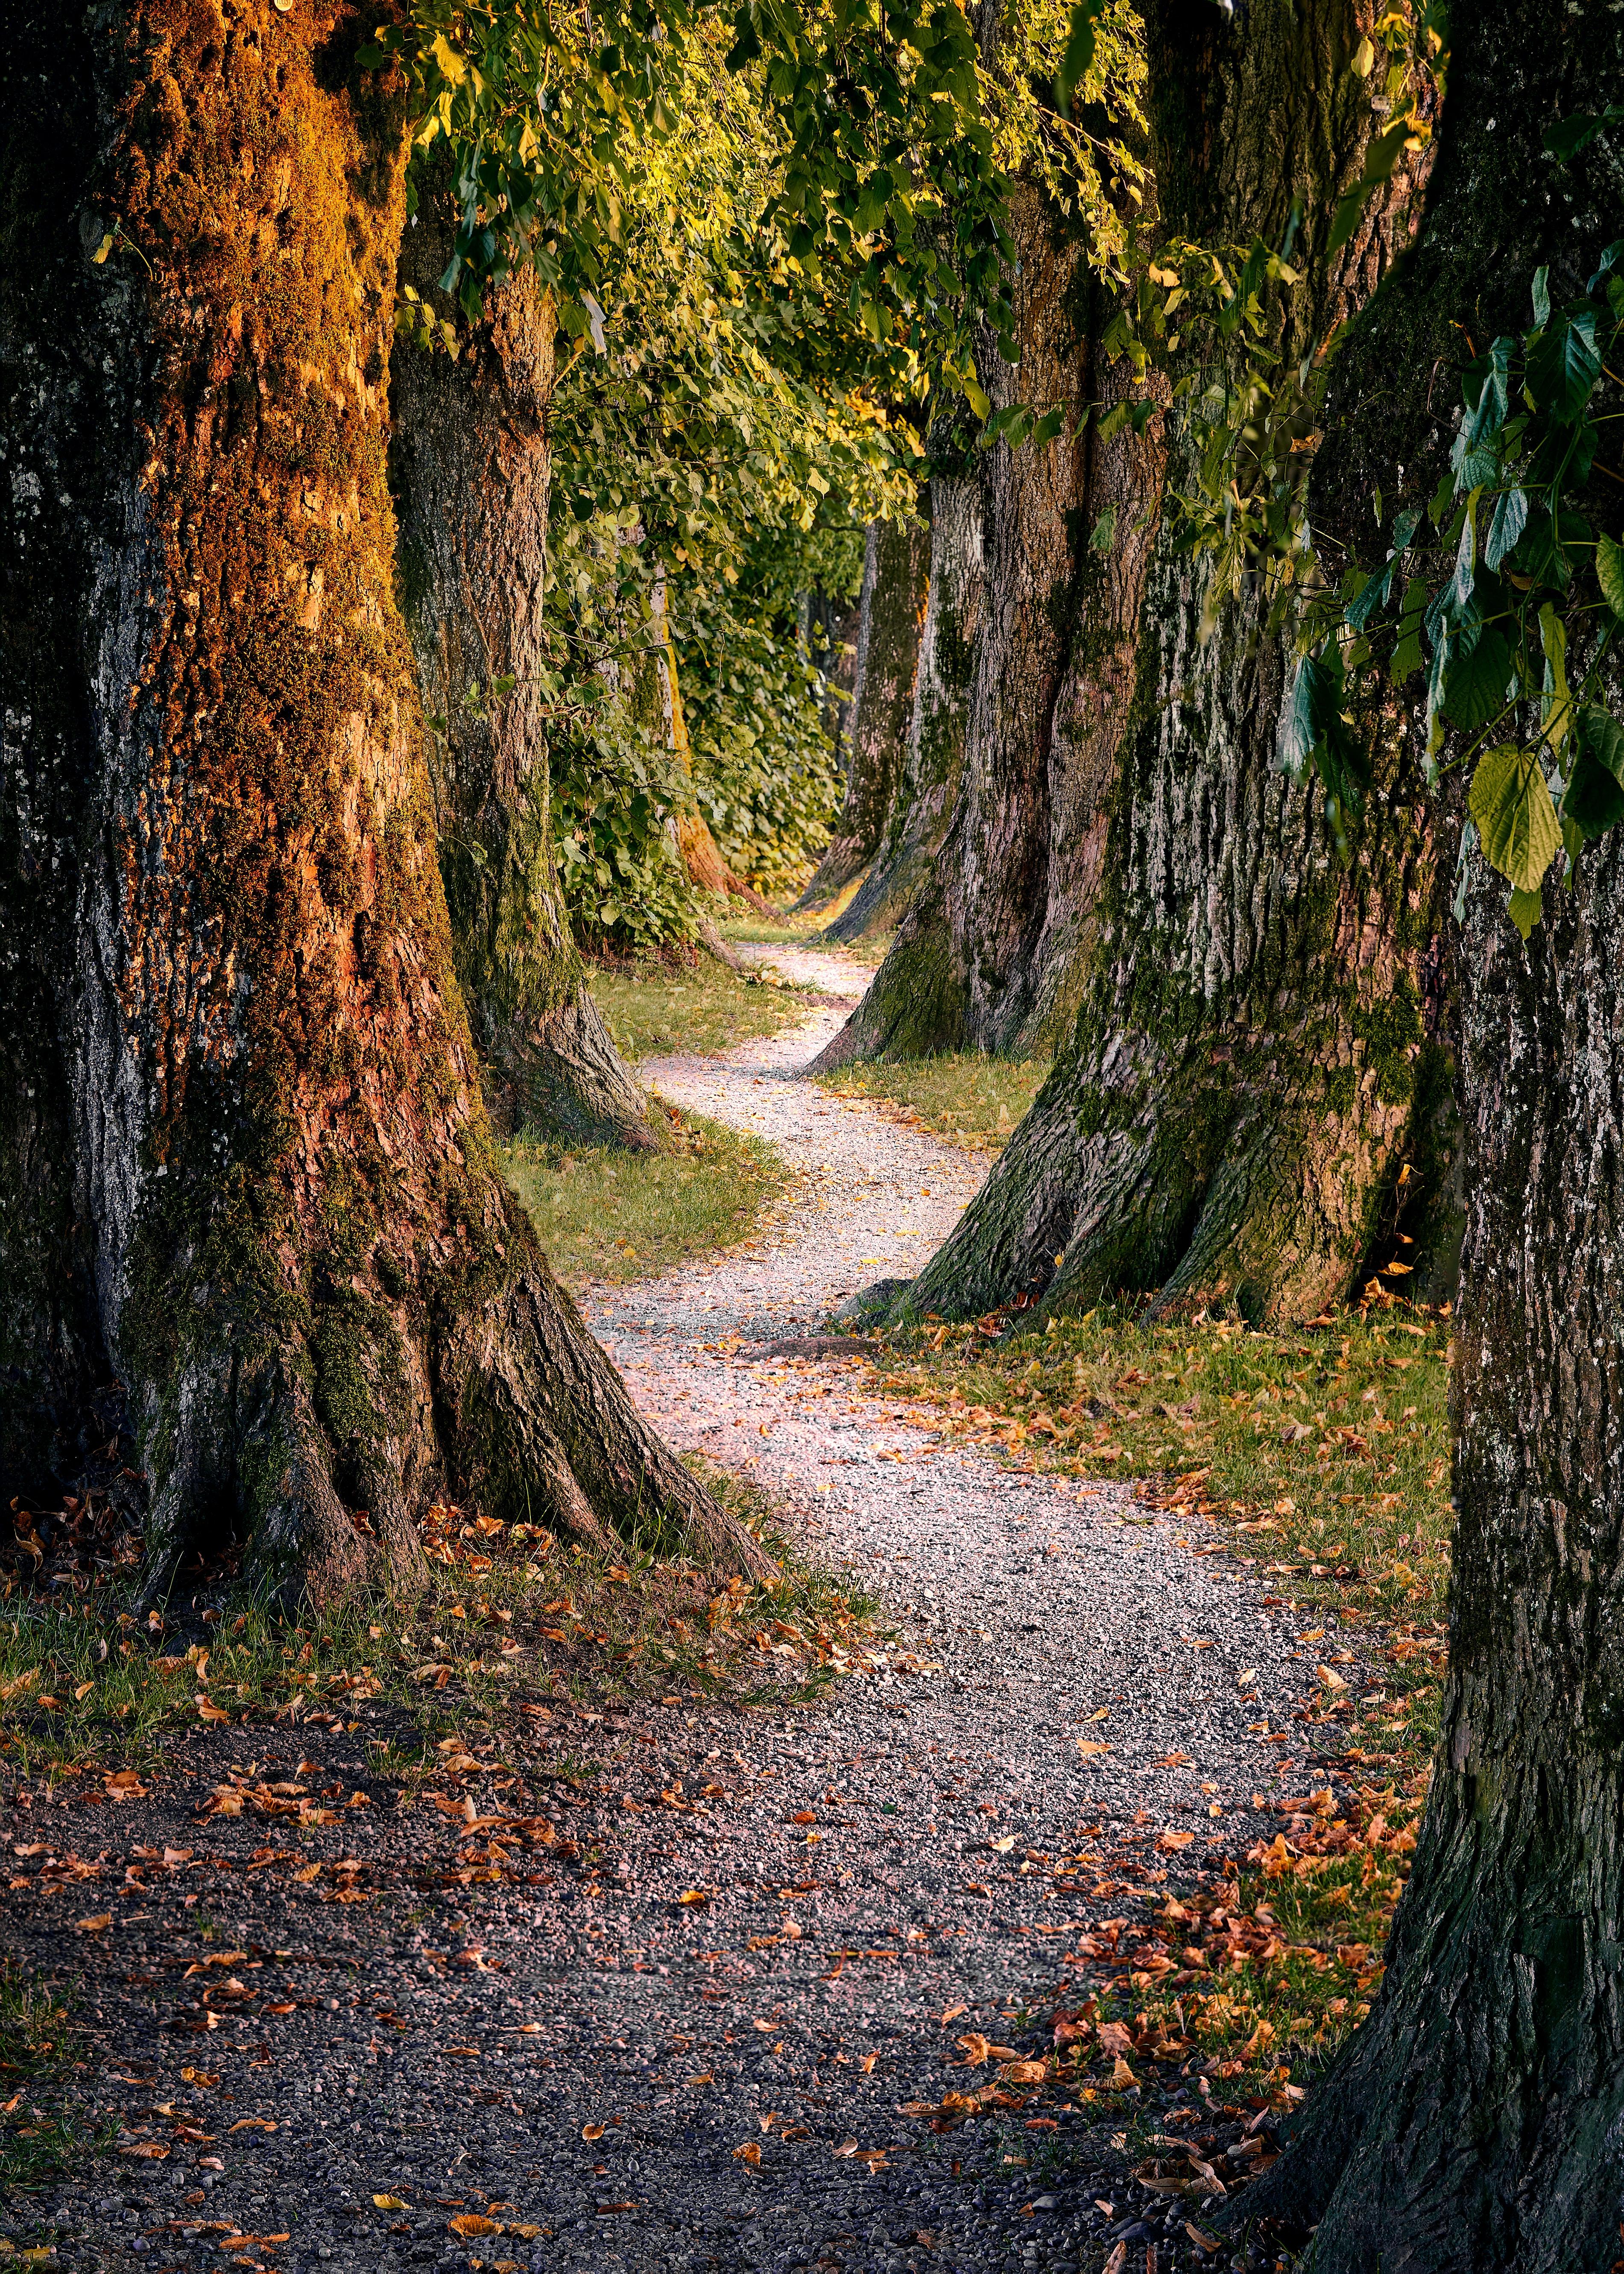 52607 скачать обои Лес, Деревья, Природа, Тропинка - заставки и картинки бесплатно